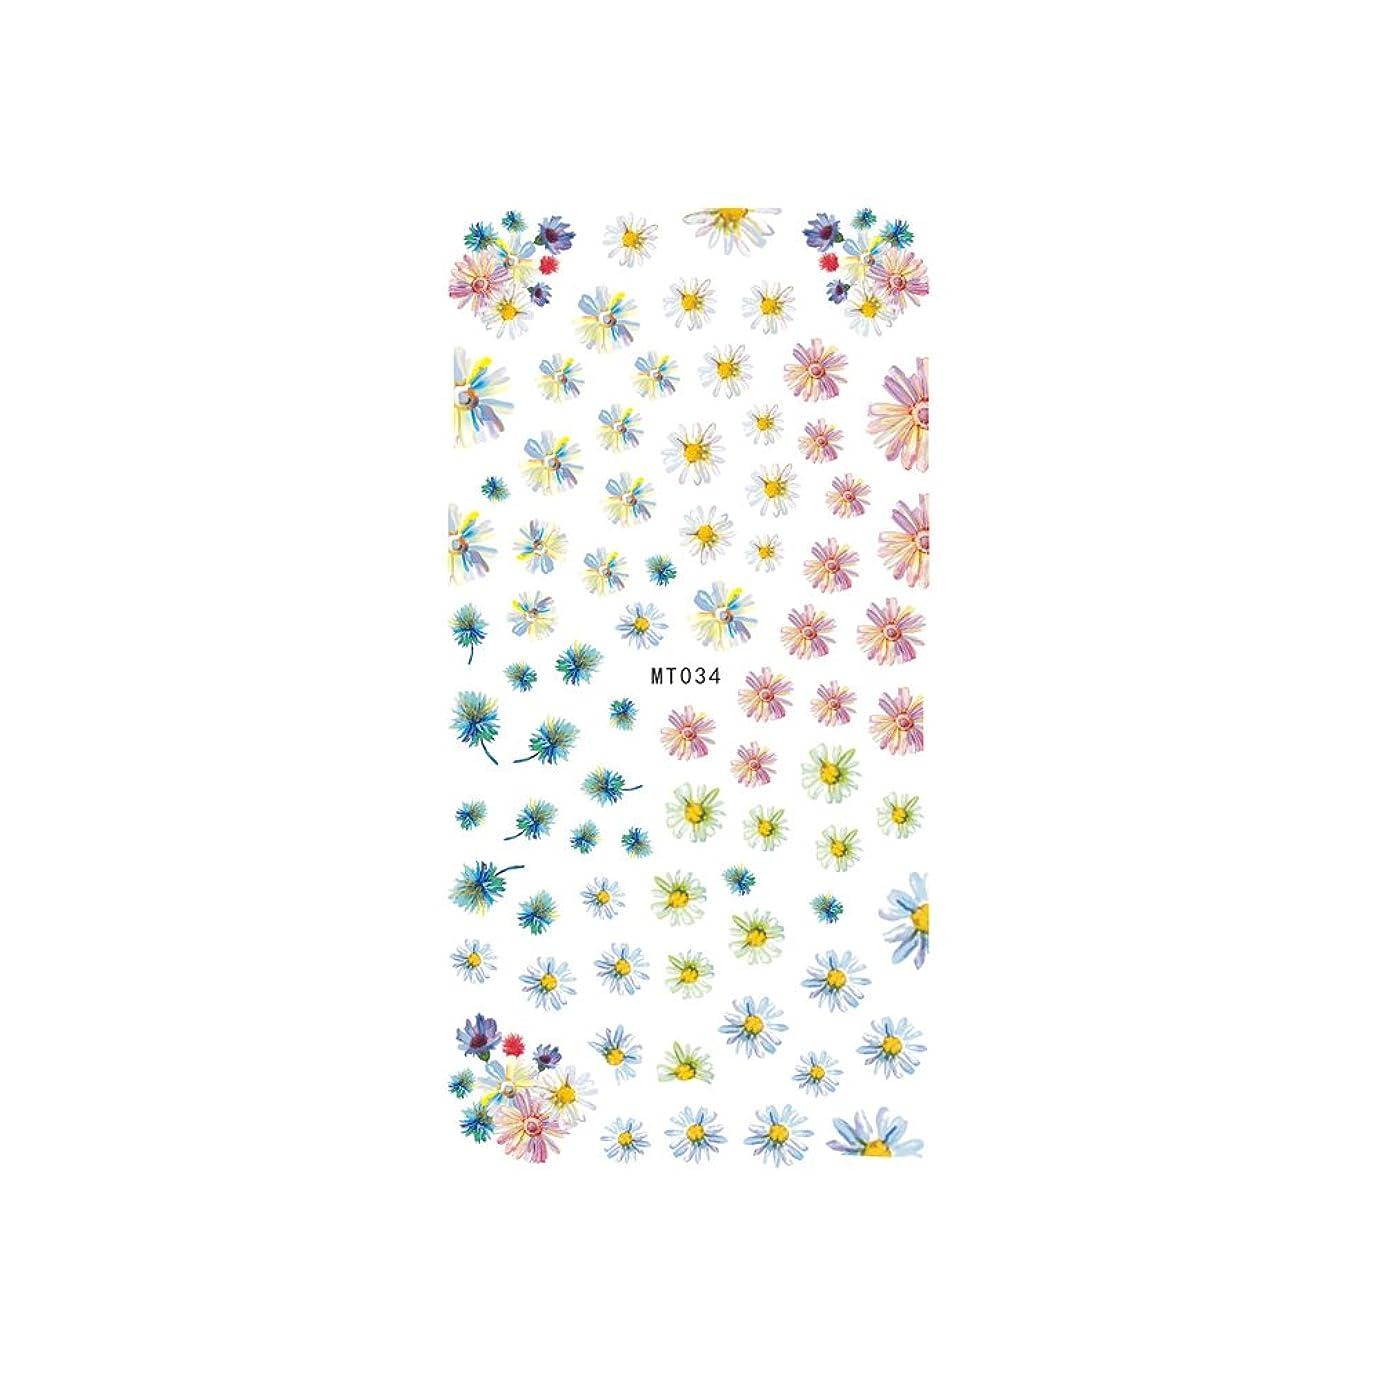 心臓絶えずタンパク質【MT034】マーガレットフラワーシール ジェルネイル ネイルアート 花柄 フラワー セルフネイル